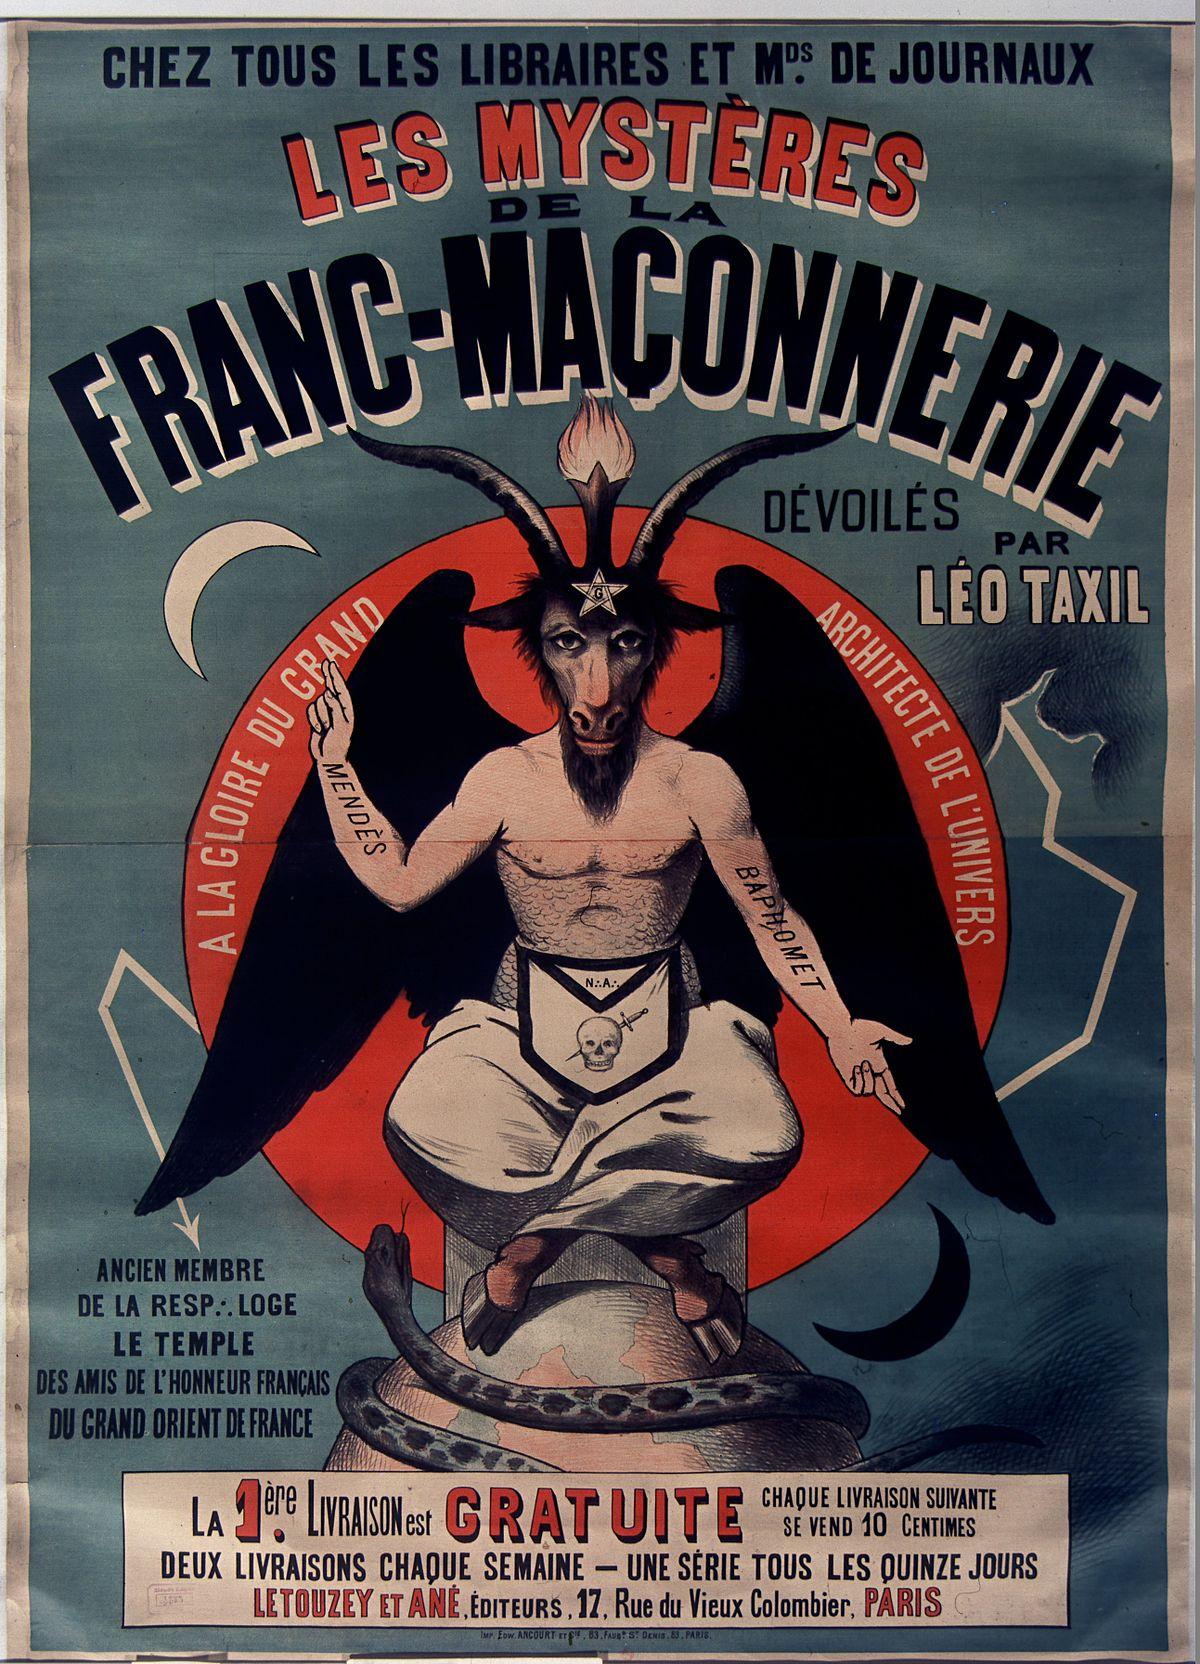 Les mystères de la franc-maçonnerie  (1886) de Léo Taxil